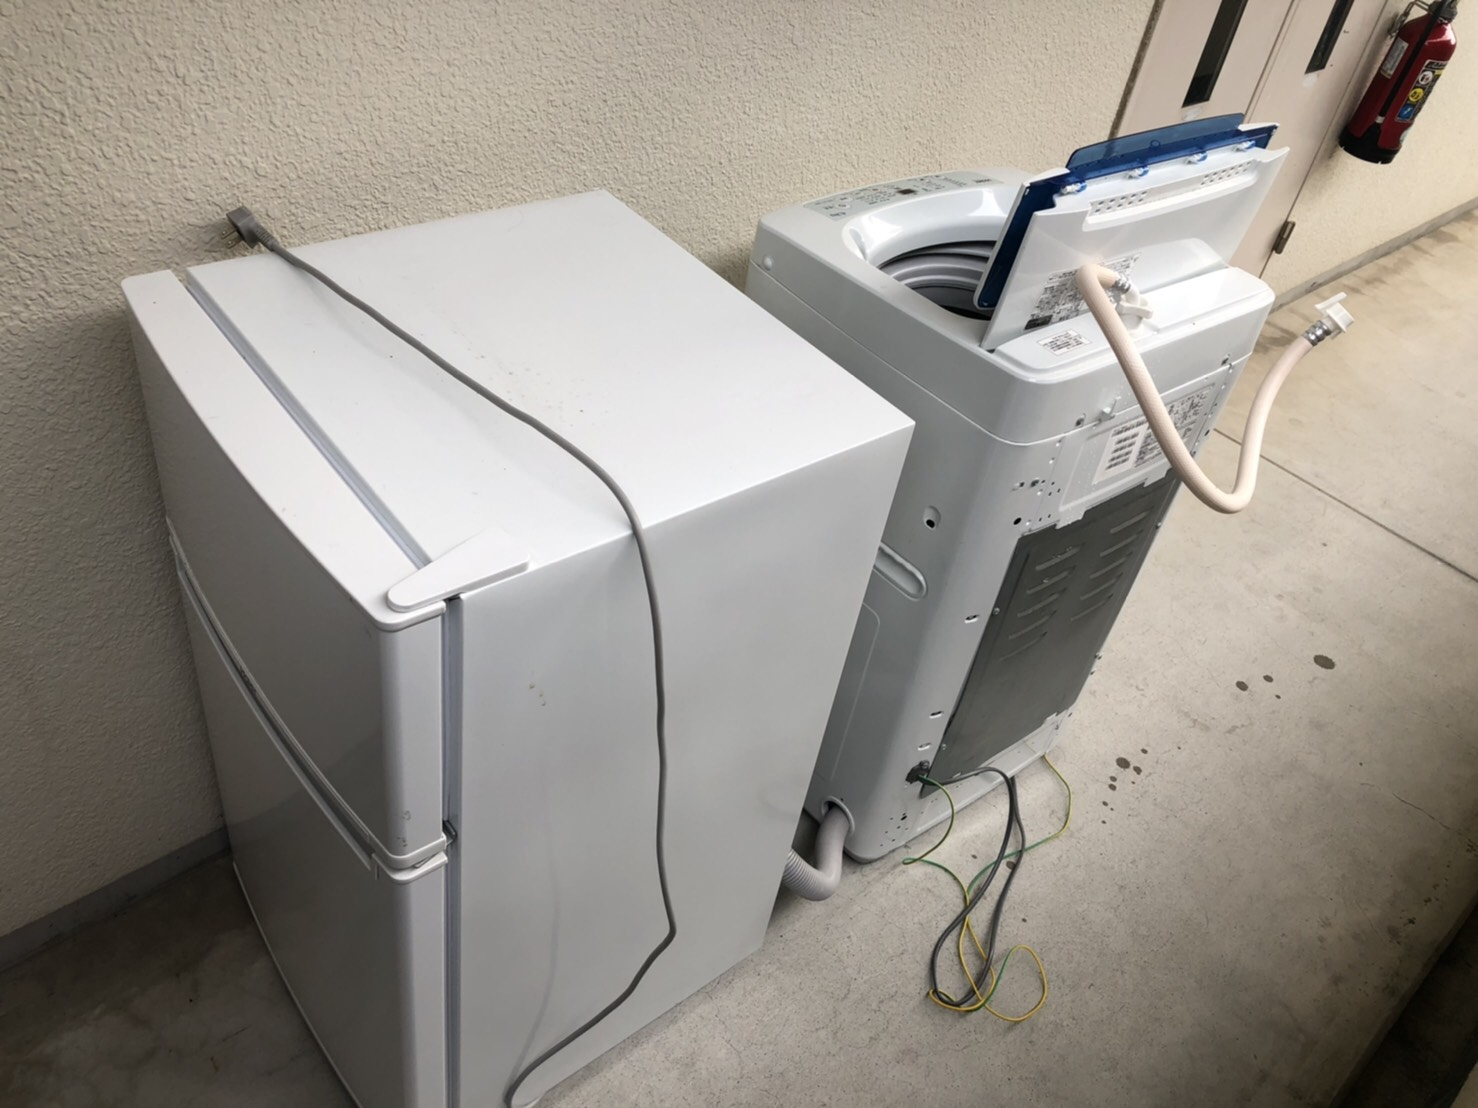 滋賀県草津市の洗濯機の回収前